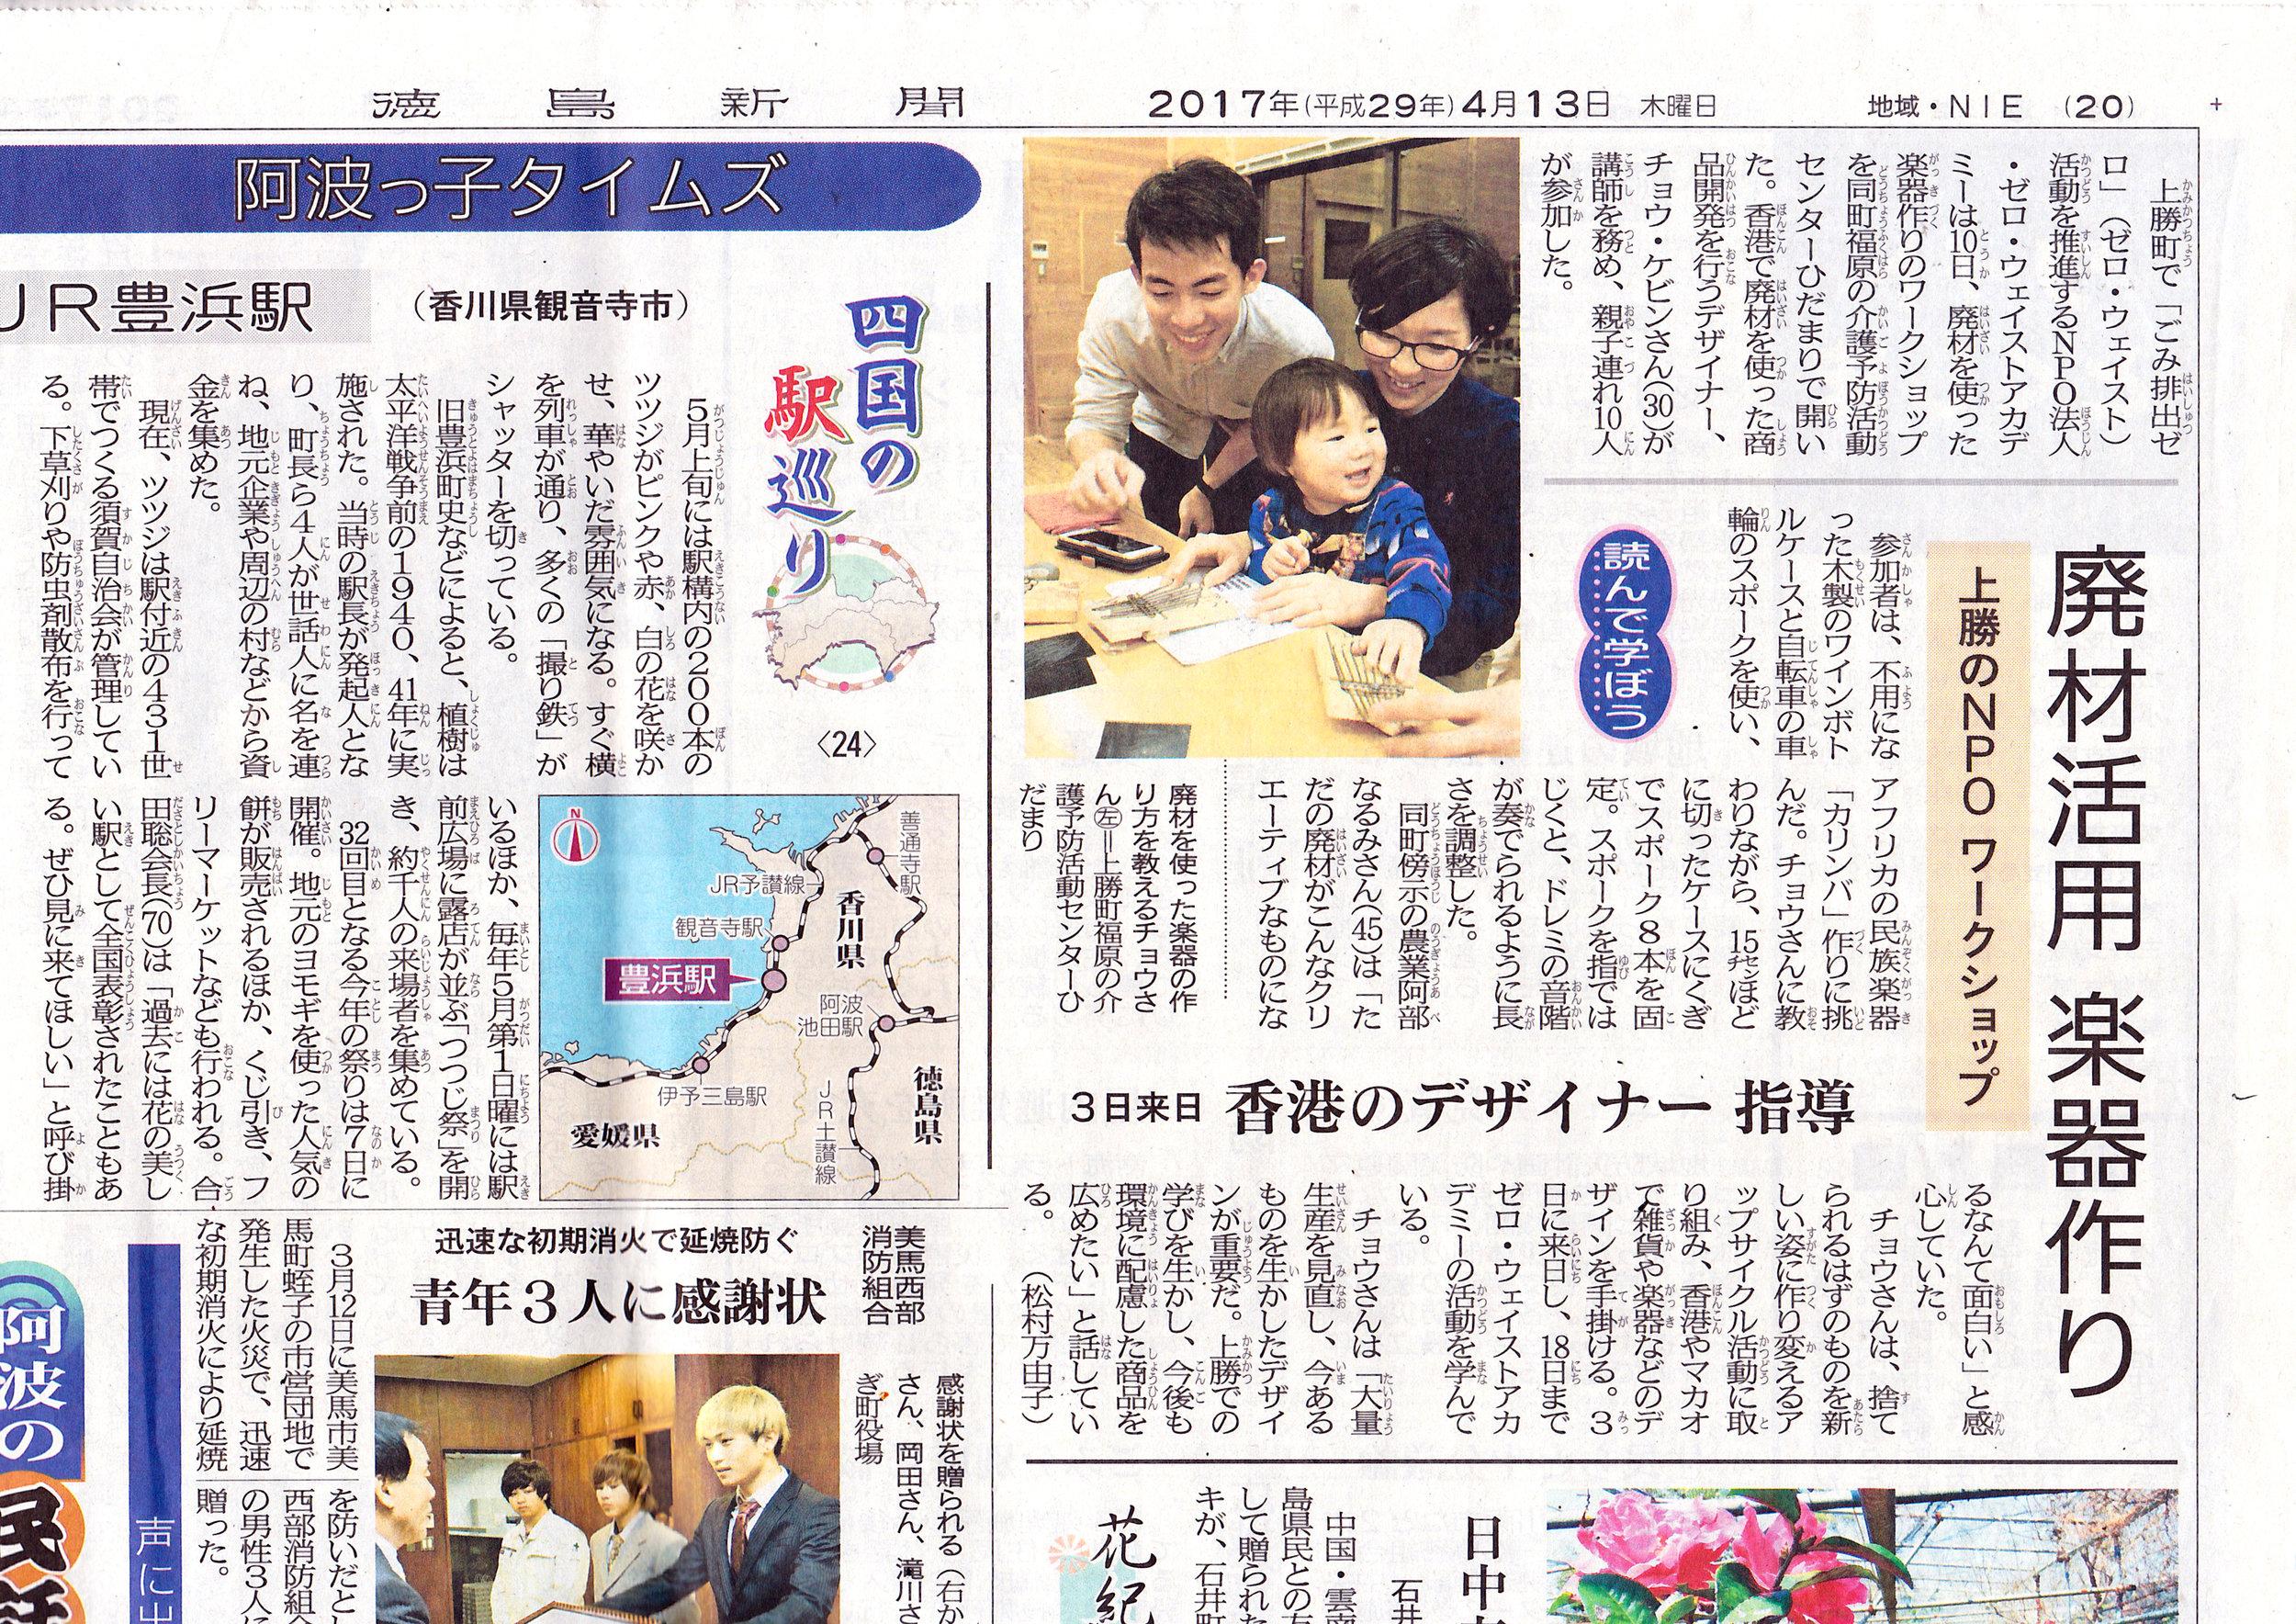 170413 德島新聞.jpg